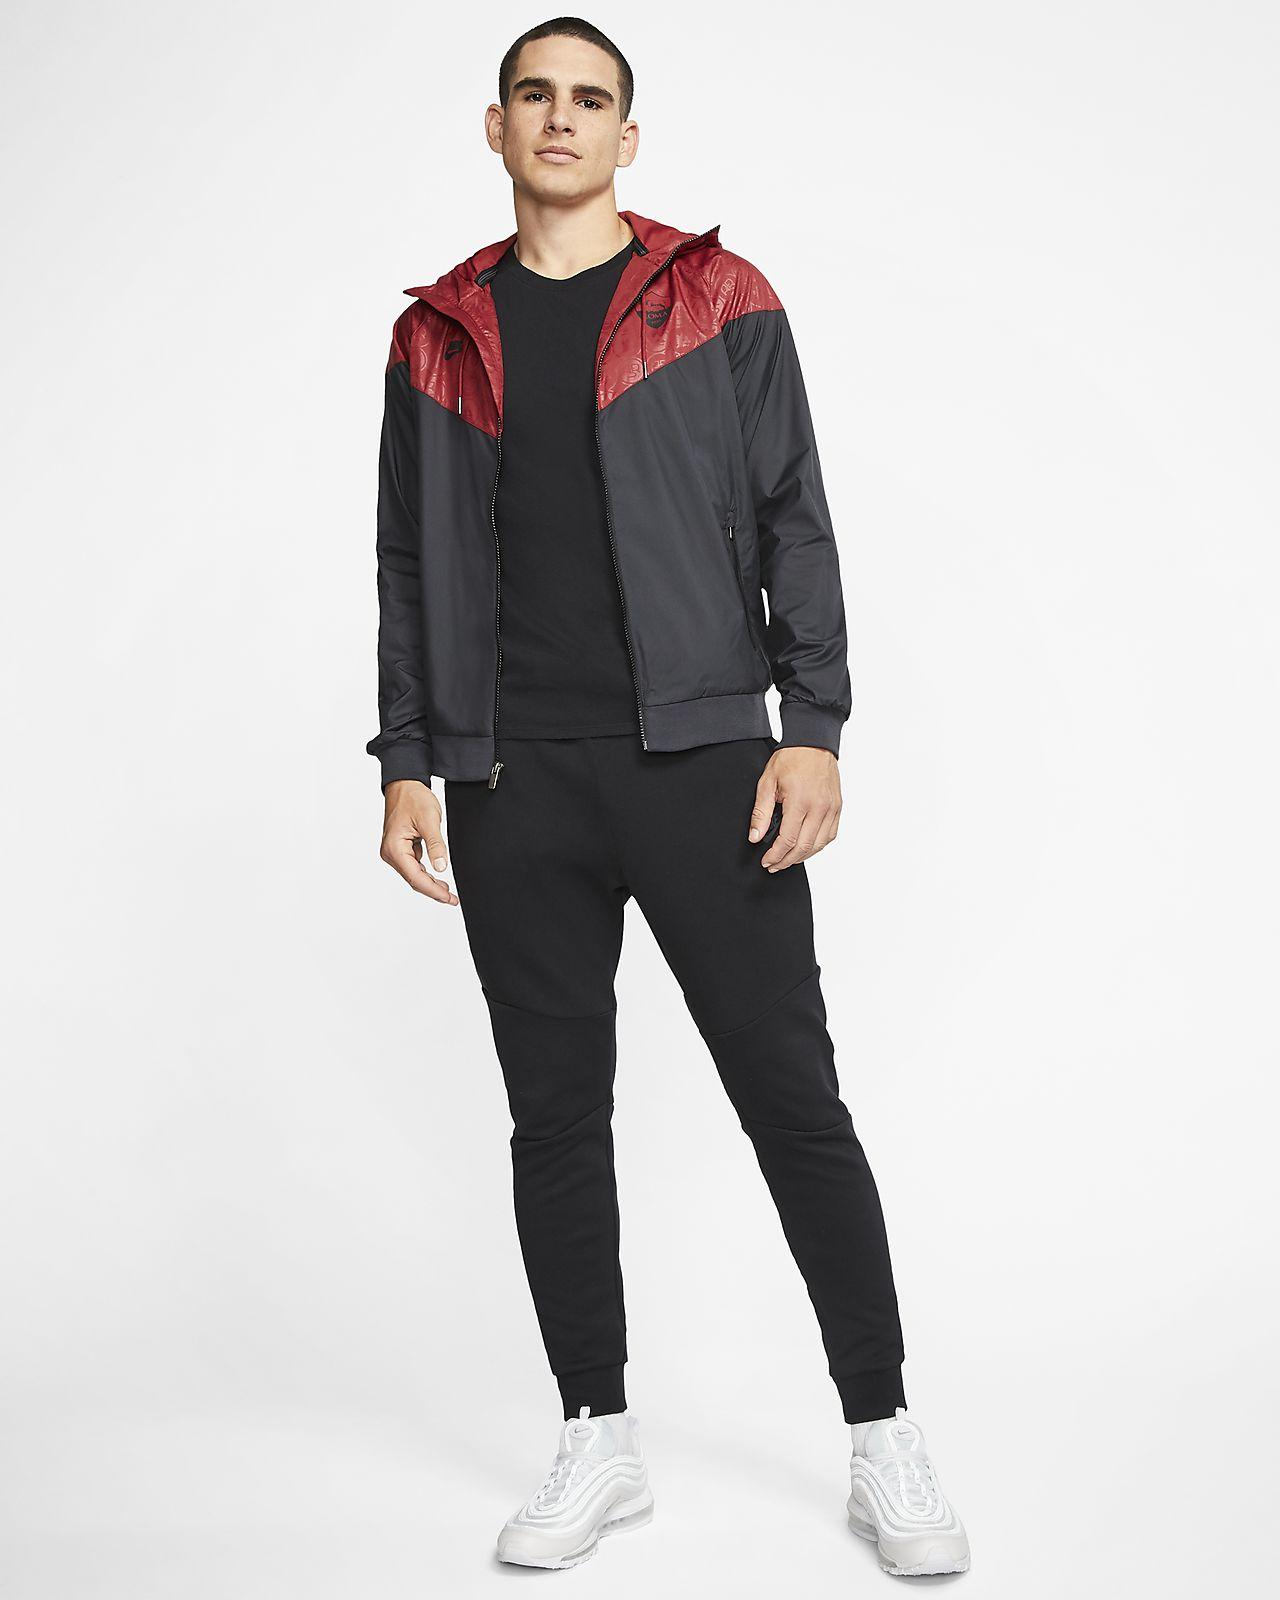 A.S. Roma Windrunner Men's Jacket